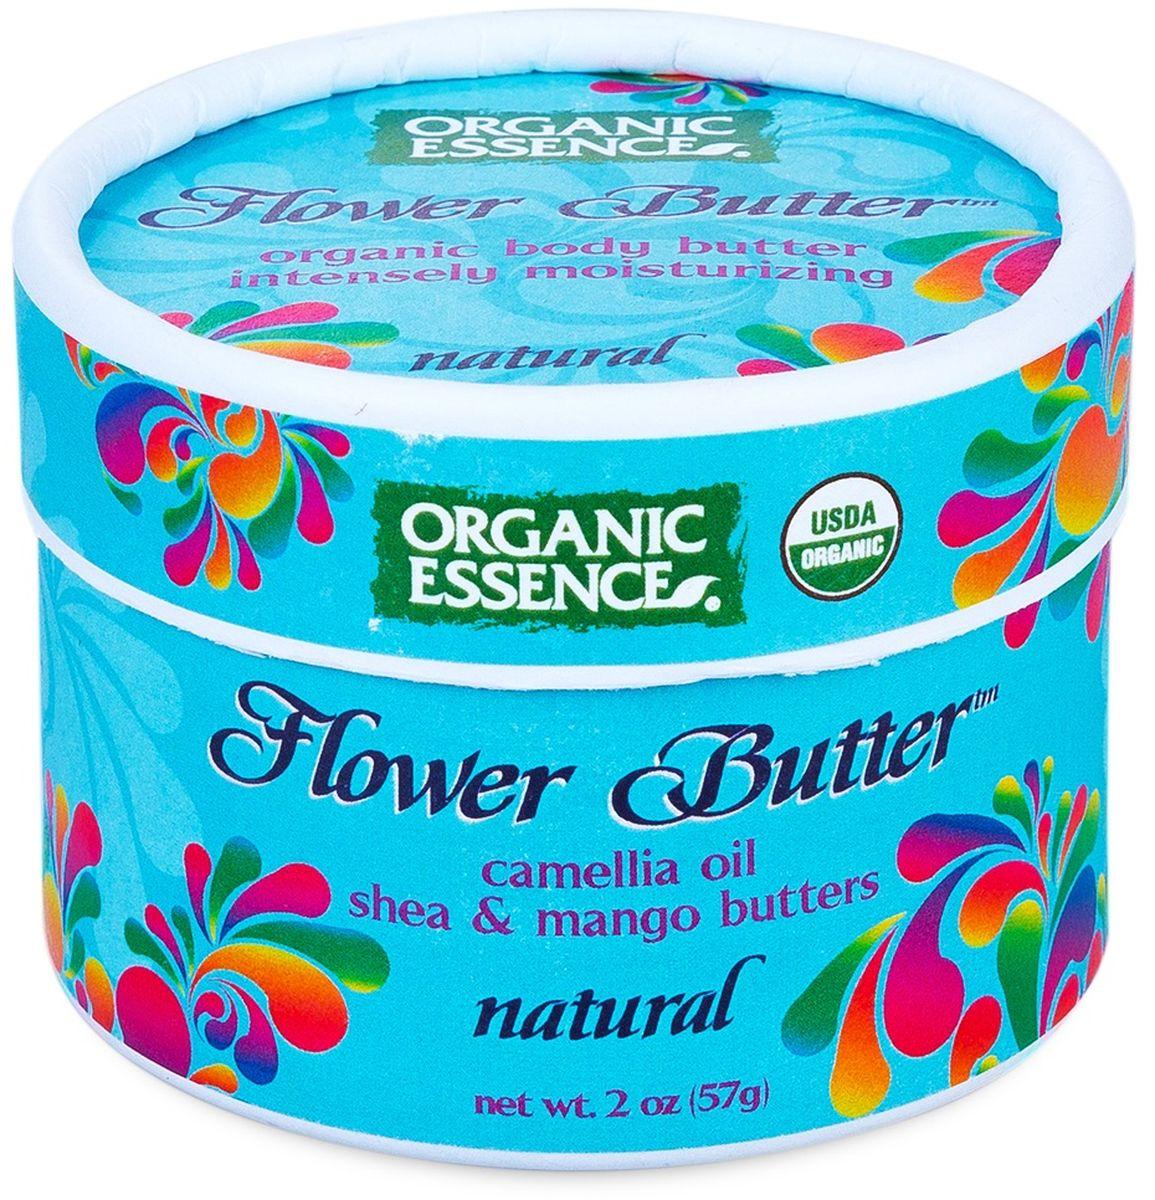 Organic Essence Органический цветочный крем Натуральный, 57 грFONATДля ежедневного увлажнения. Питательные растительные масла в сочетании с мощными эфирными маслами содержат мощные антиоксиданты, витамины, минералы и незаменимые жирныекислоты, которые делают Органический цветочный крем очень полезным. Масло Манго для мягкости кожи, Масло Ши для увлажнения кожи. Сочетание Масел Камелии, Бабассу и Жожоба создают смесь богатую питательными веществами,полезную для ухода за кожей. Высокое содержание витаминов и питательных веществ удовлетворяют потребность кожи в эластичности, упругости и мягкости. Легко впитывается в кожу, смягчает и предотвращает сухость.